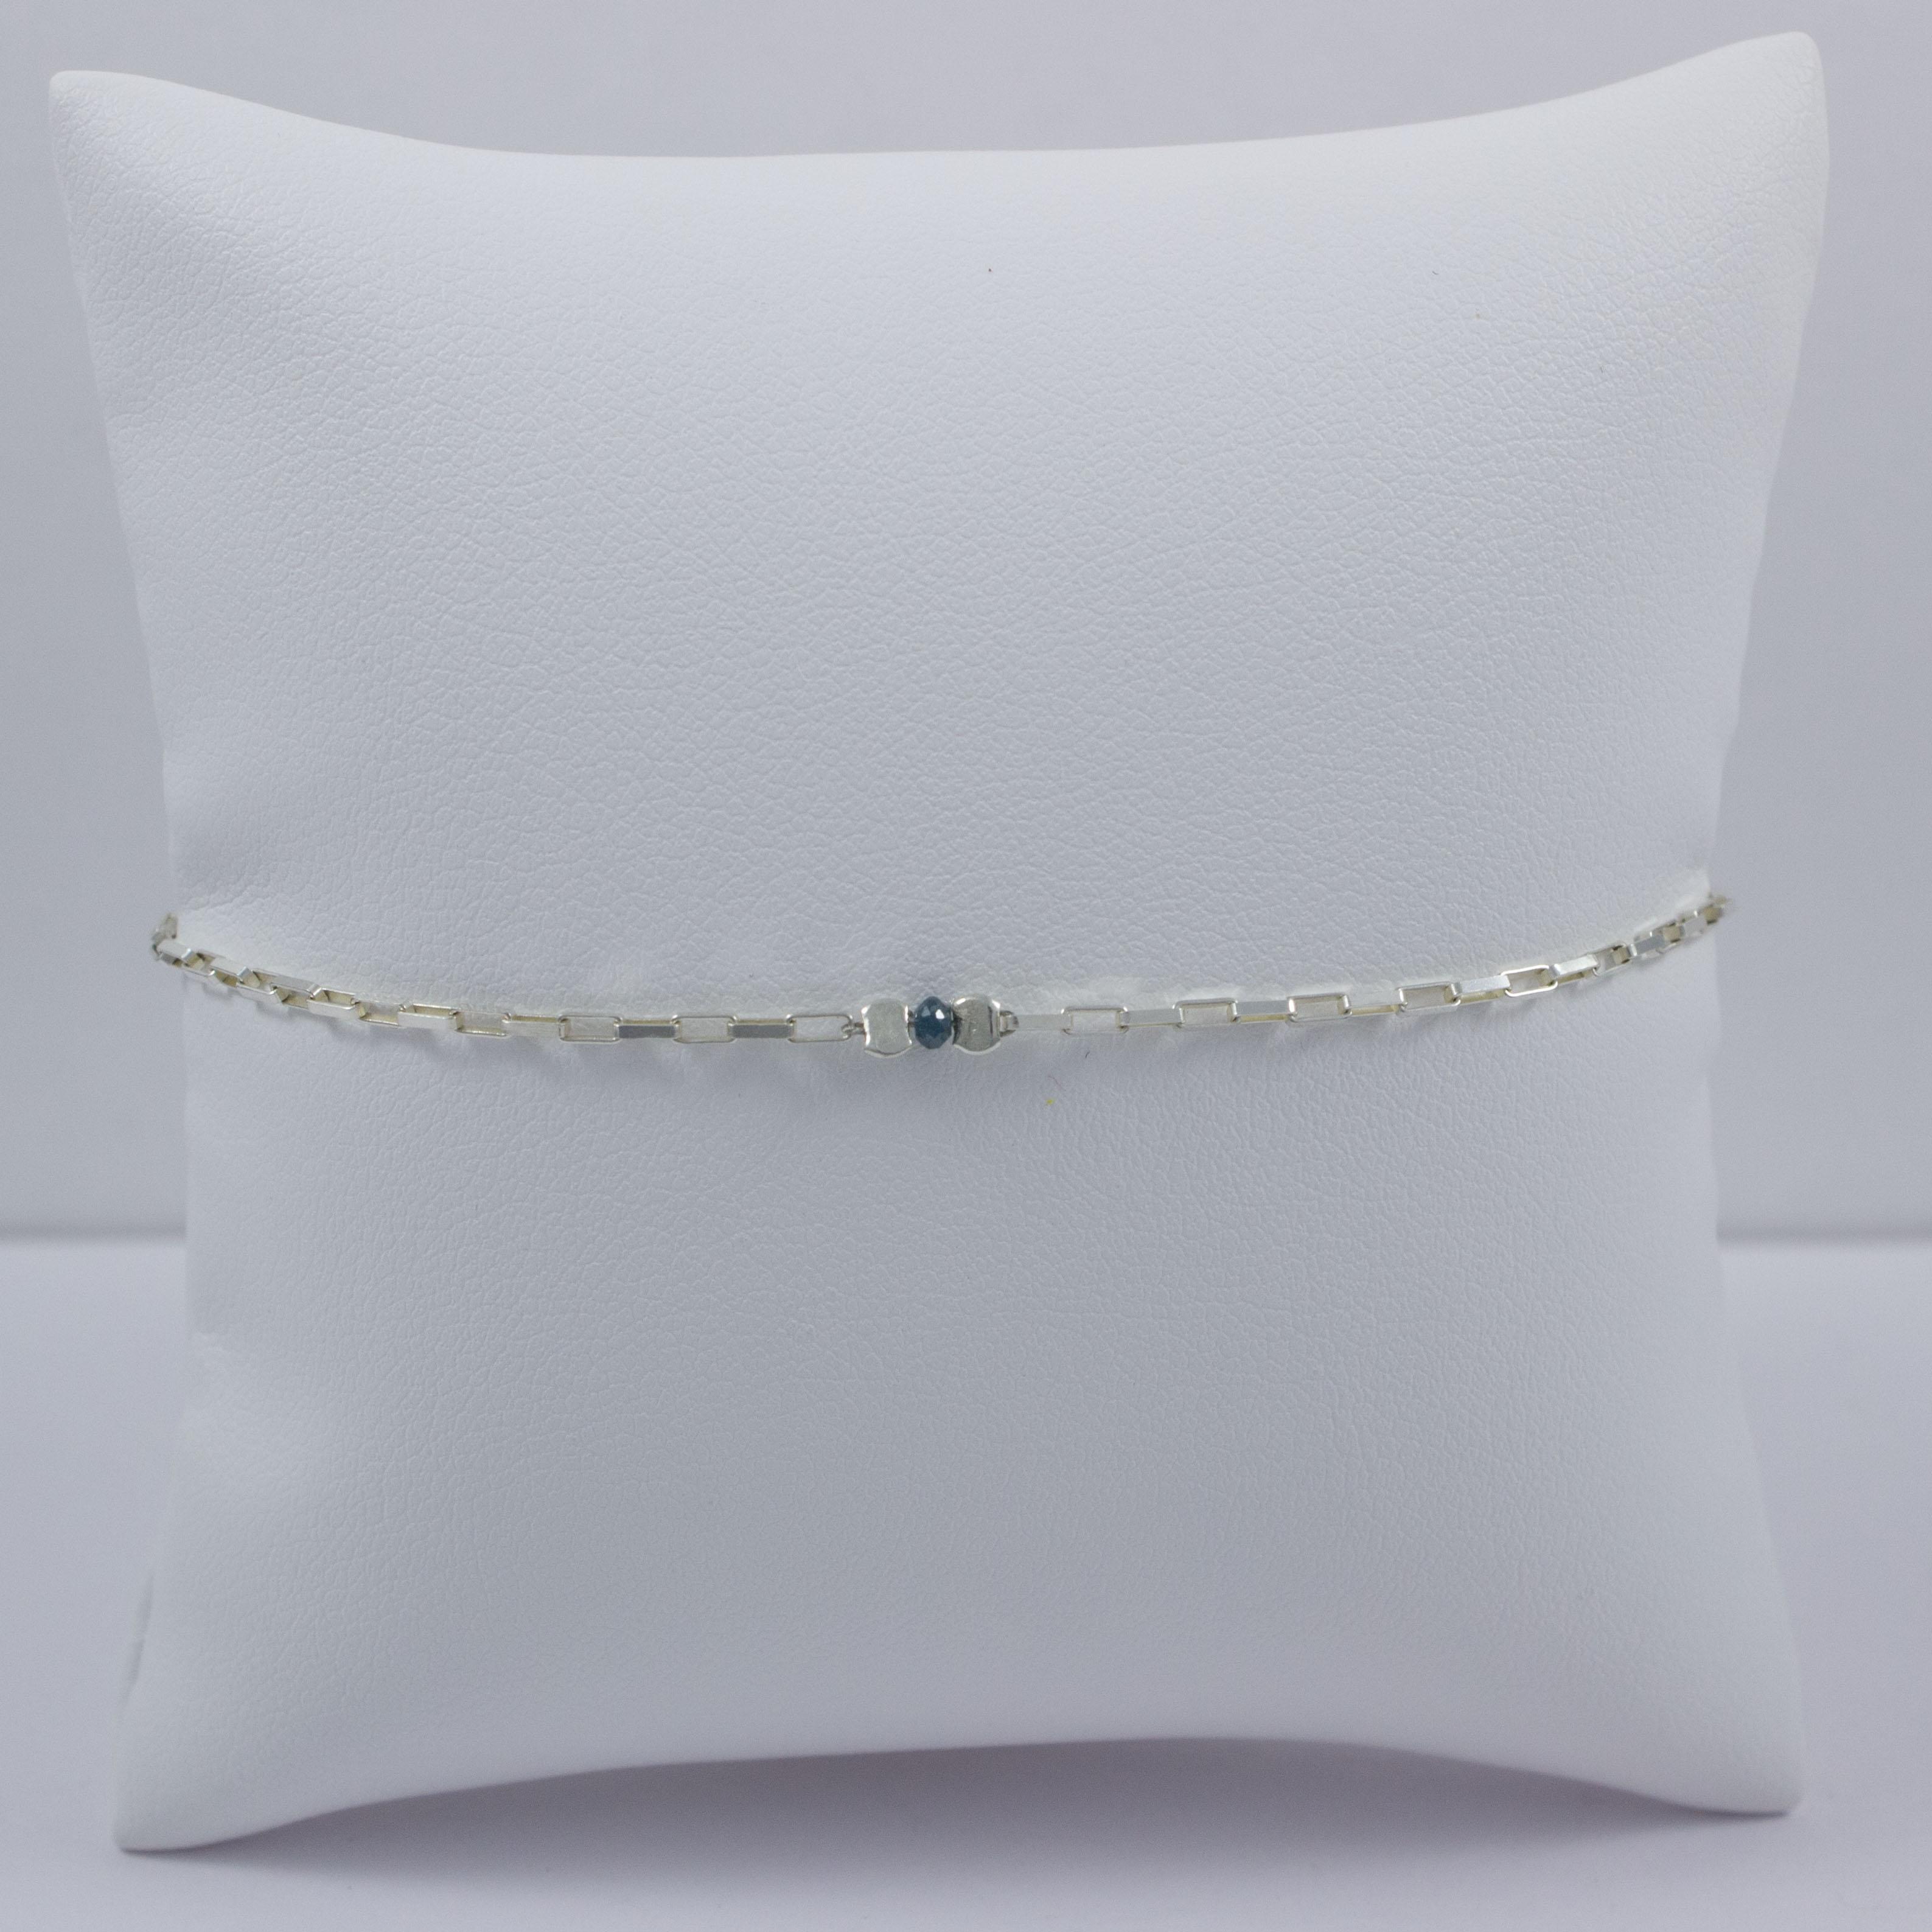 595f575a11 Bracelet chaine venitienne little diamant brut Blue Star